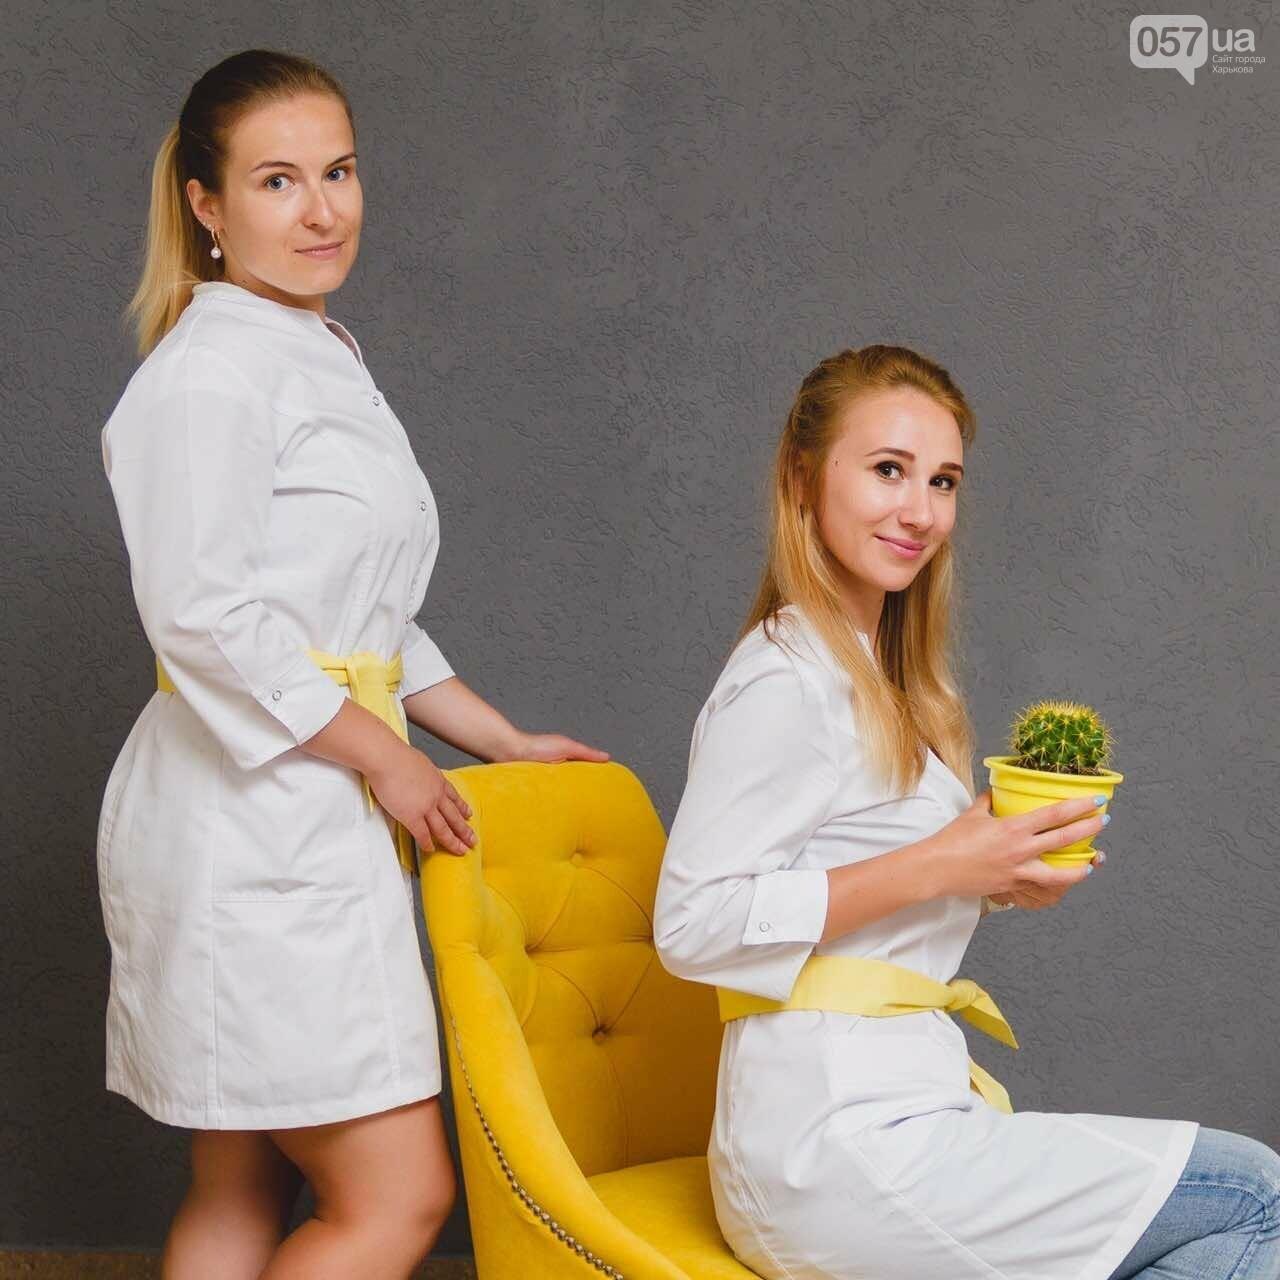 Какие услуги предлагают харьковские салоны красоты осенью? На что обратить внимание?, фото-25